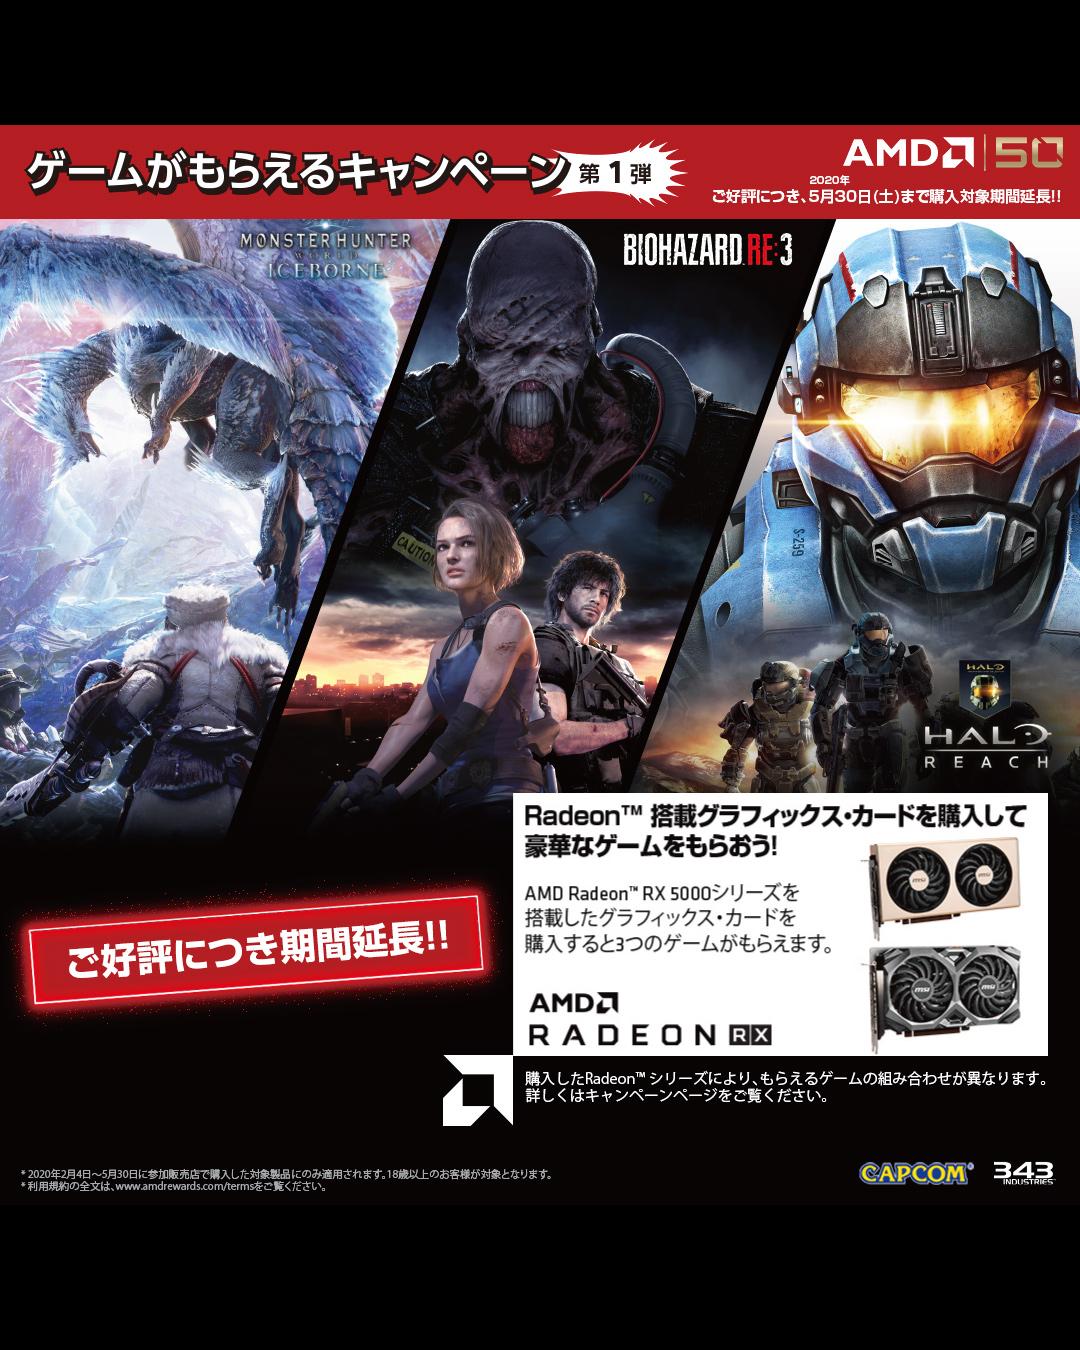 AMD Radeon ゲームがもらえるキャンペーン第1弾